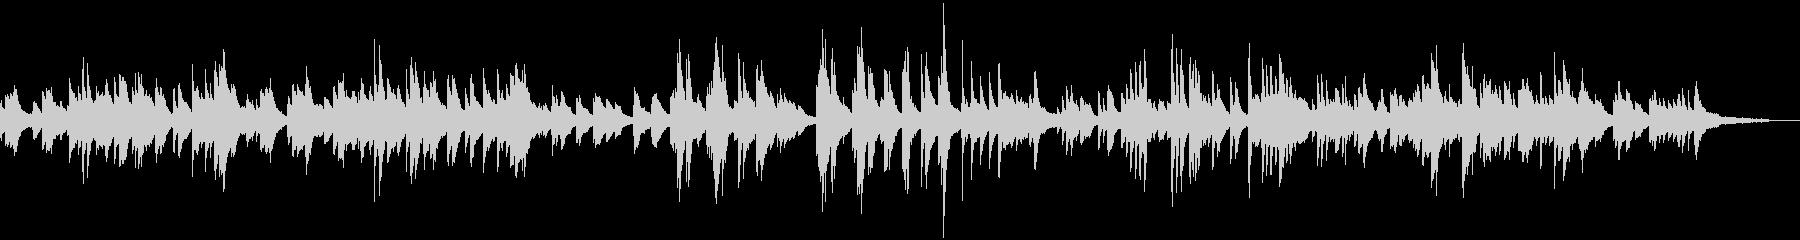 星空のイメージのピアノバラードの未再生の波形